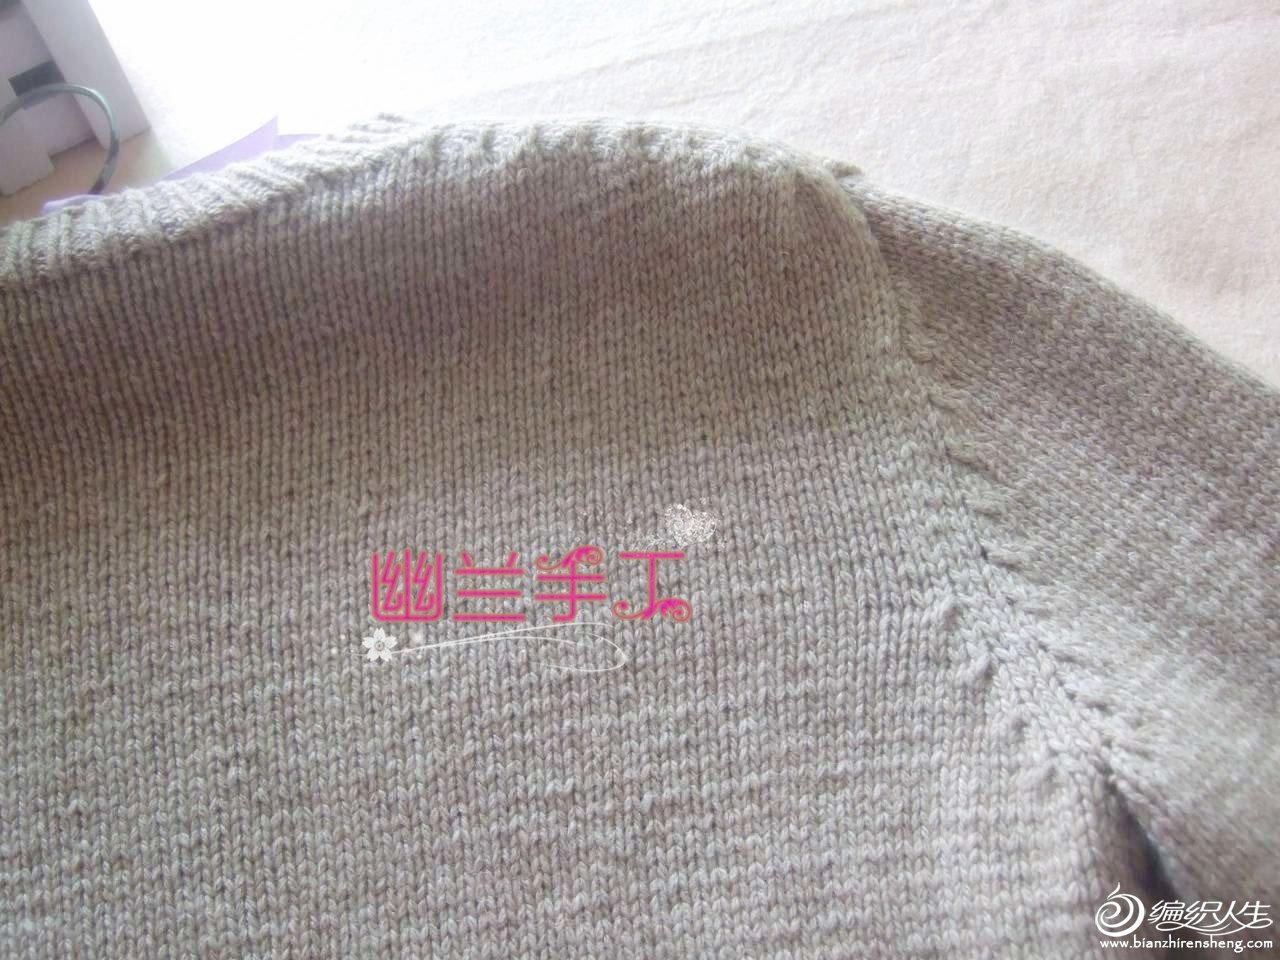 DSCF2485-1280_副本.jpg